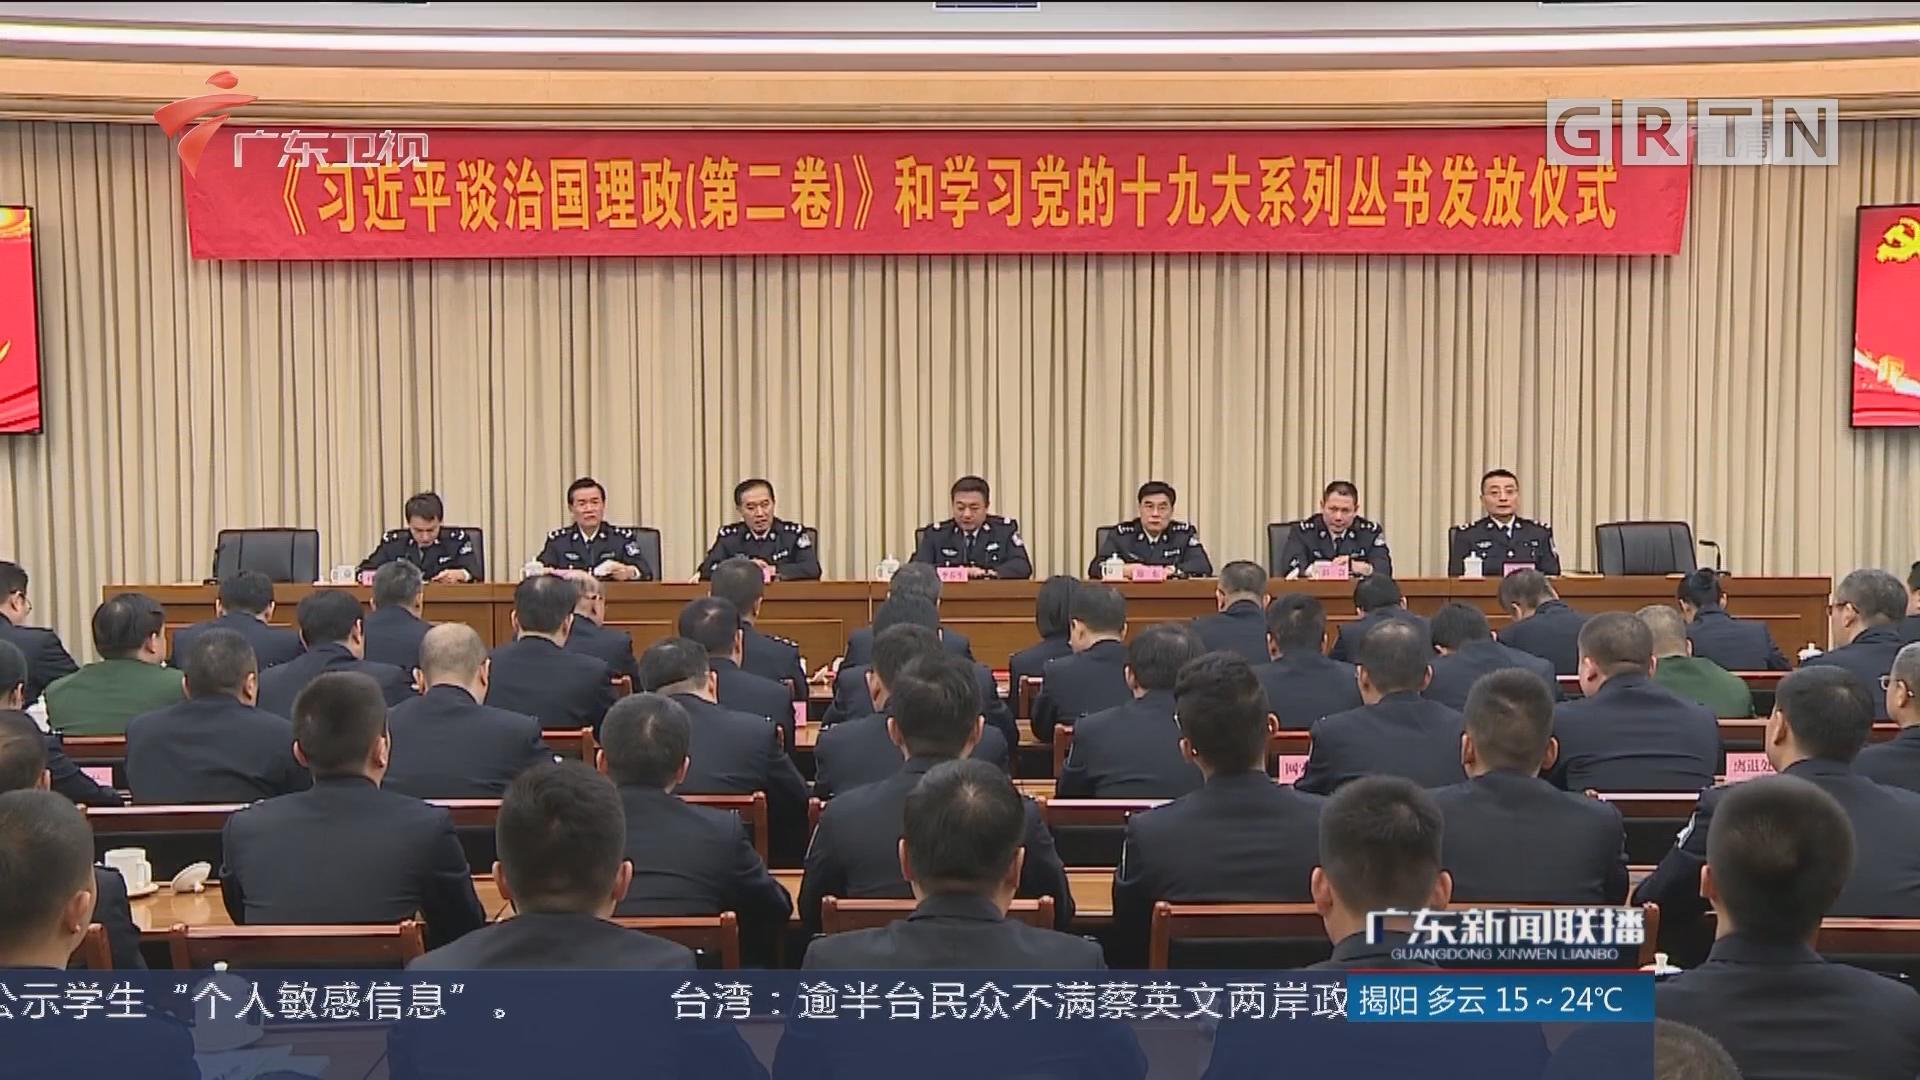 以十九大精神为指引 全力做好新时代广东公安工作